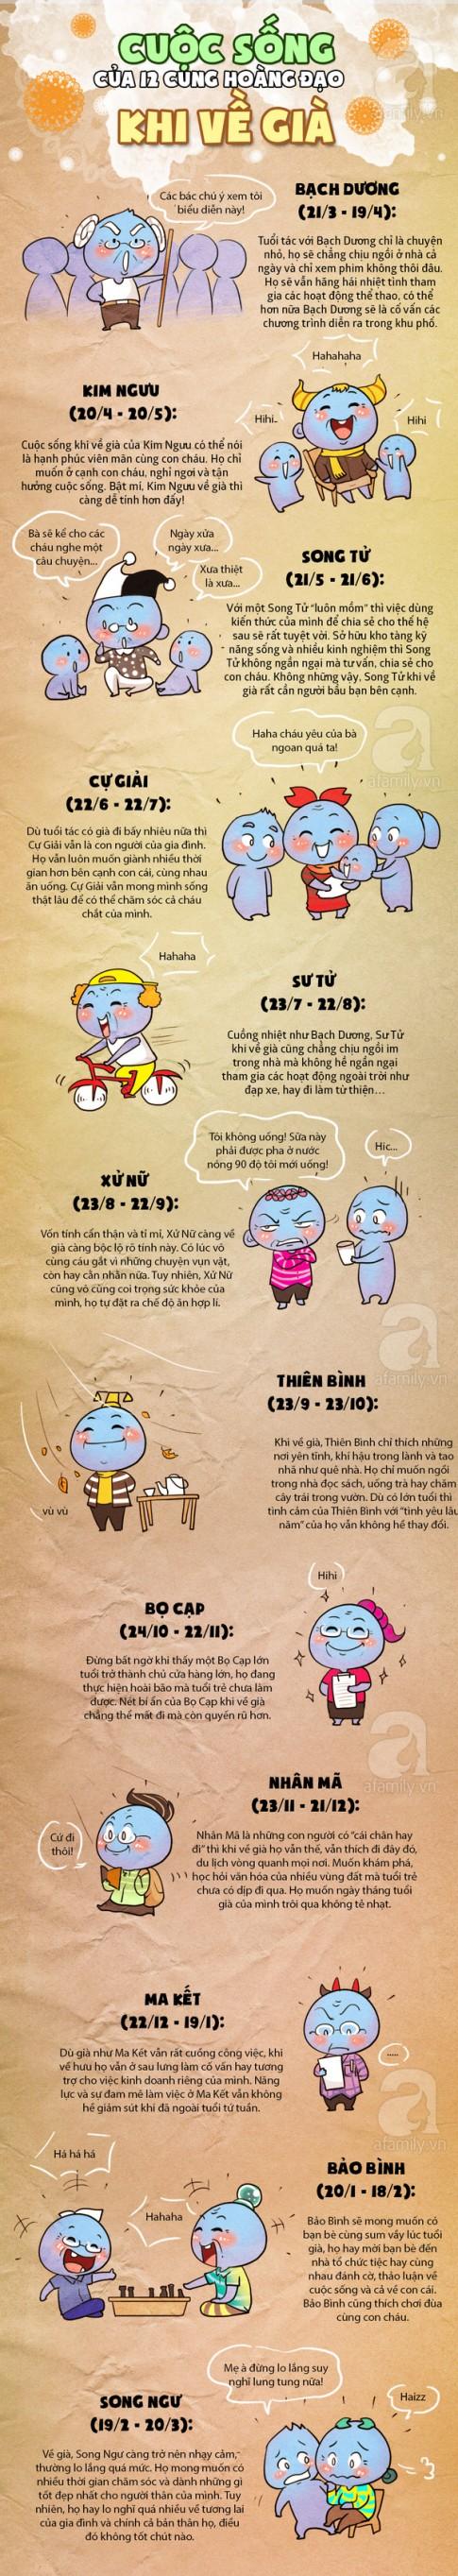 Kham pha cuoc song cua 12 cung Hoang dao khi ve gia